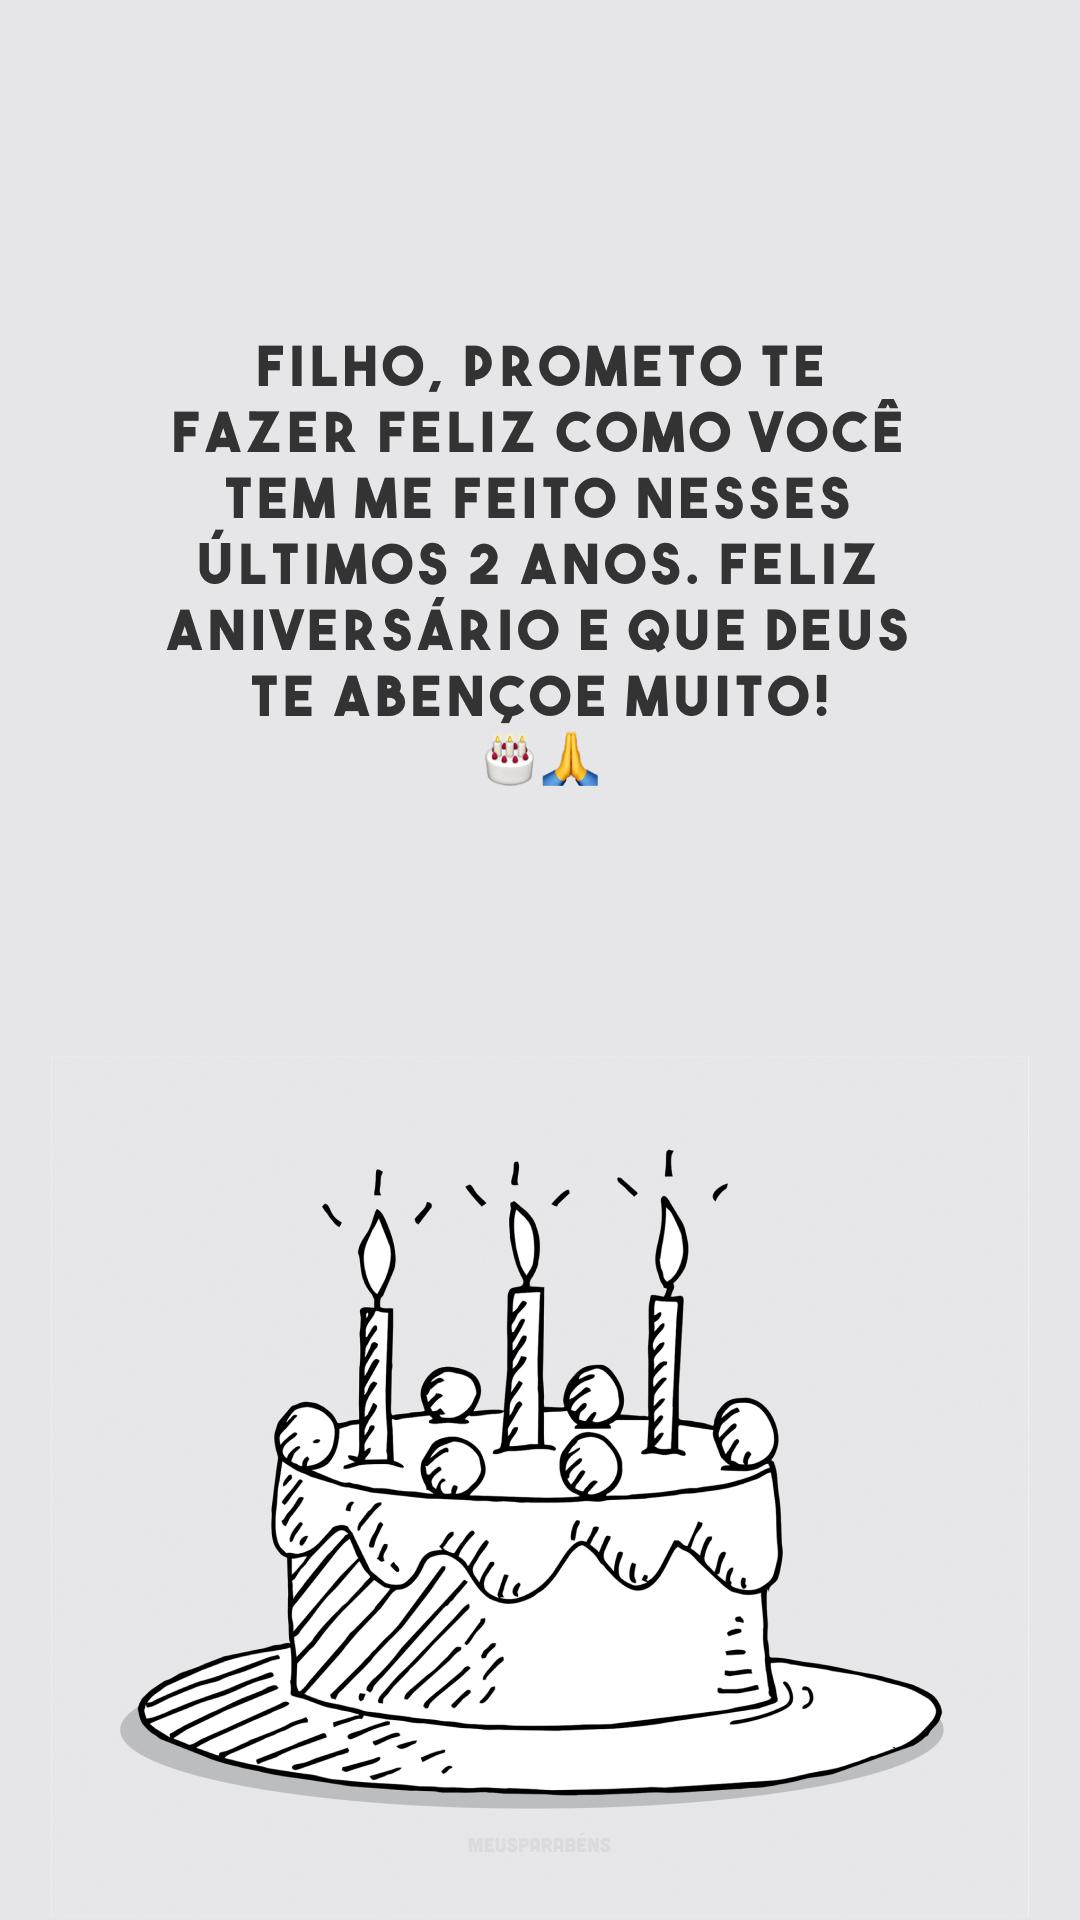 Filho, prometo te fazer feliz como você tem me feito nesses últimos 2 anos. Feliz aniversário e que Deus te abençoe muito! 🎂🙏